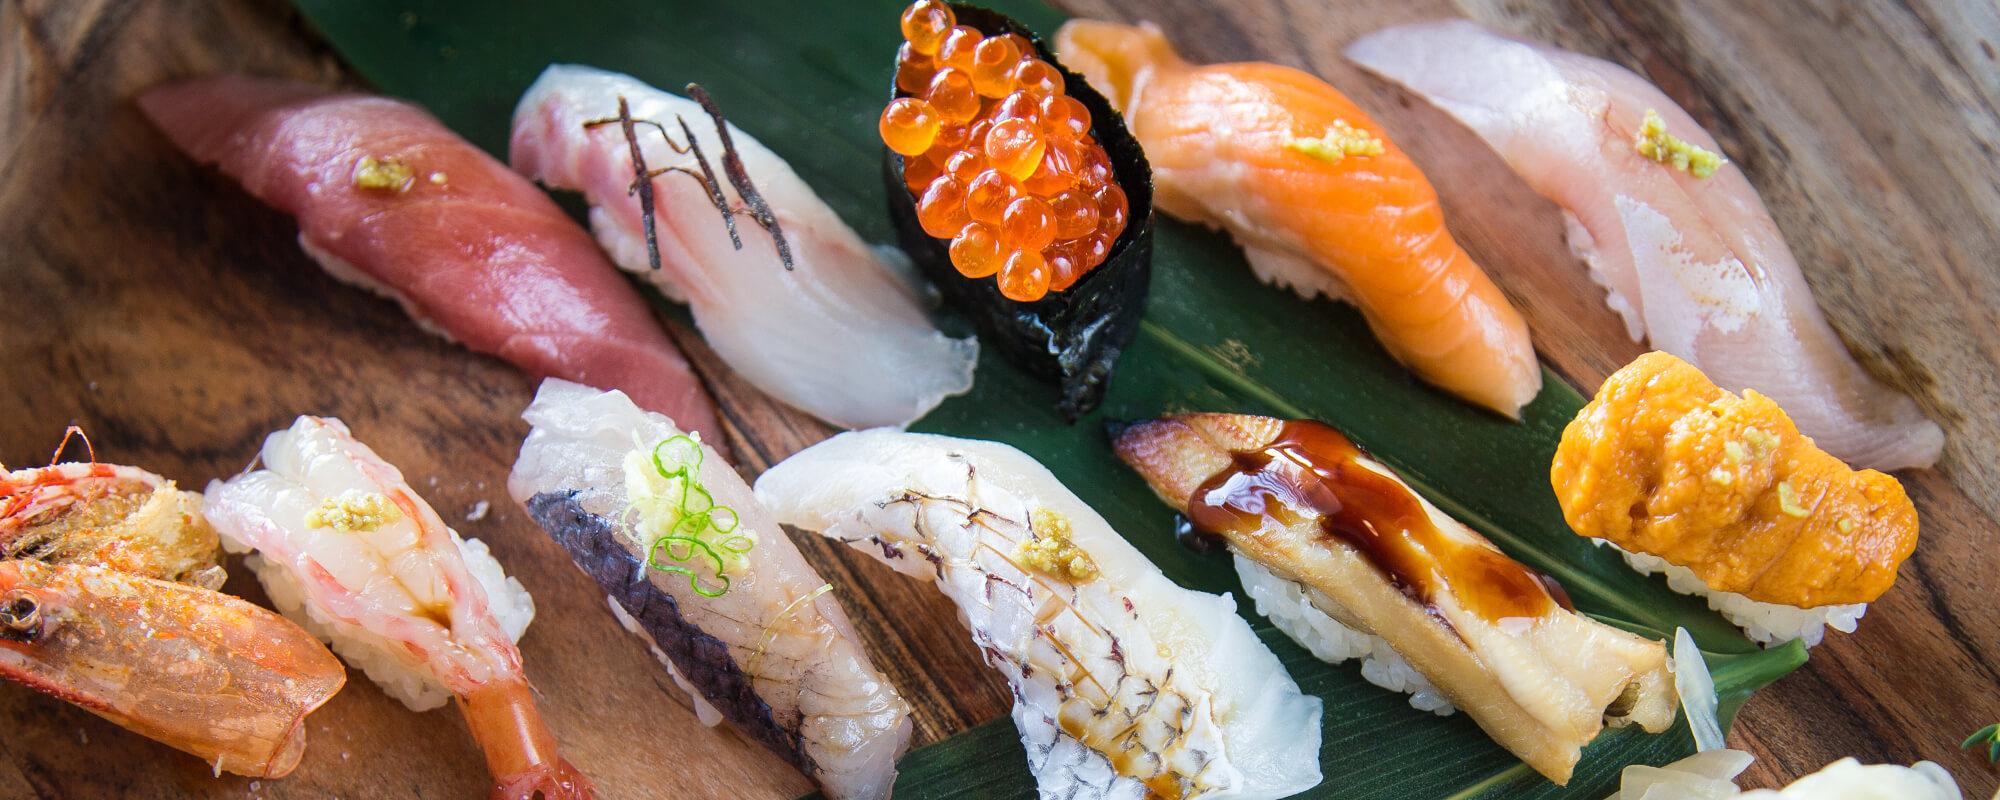 The Best Japanese Sushi Restaurant Long Island Sushi Ko